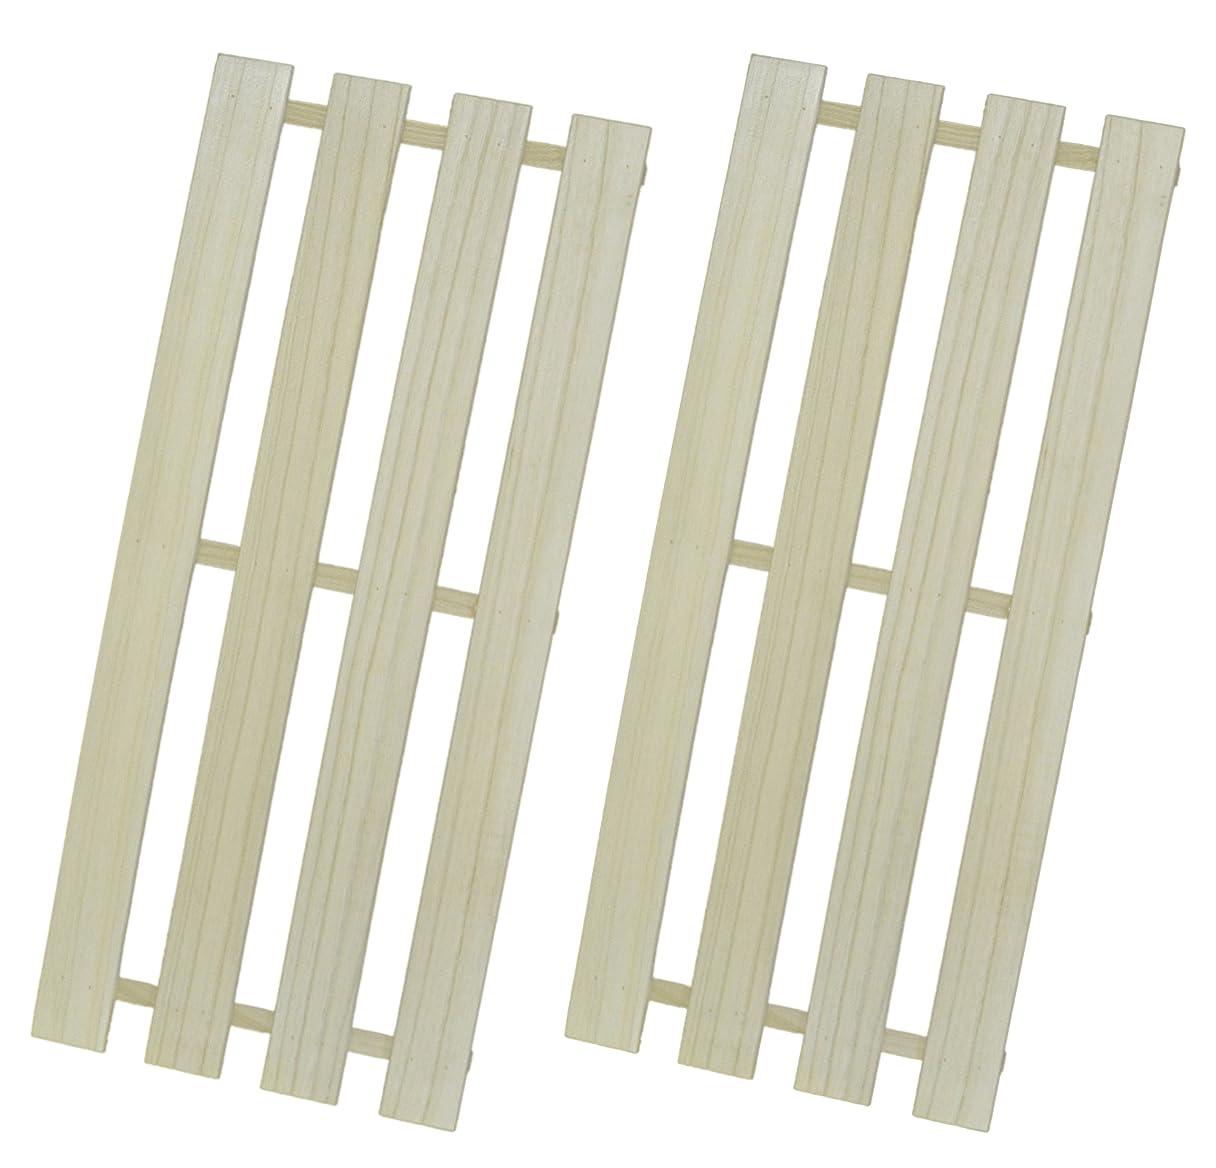 イサカうめき声突き刺す平安伸銅工業 押入れ用強力太タイプの突っ張り棒支え棒 ホワイト